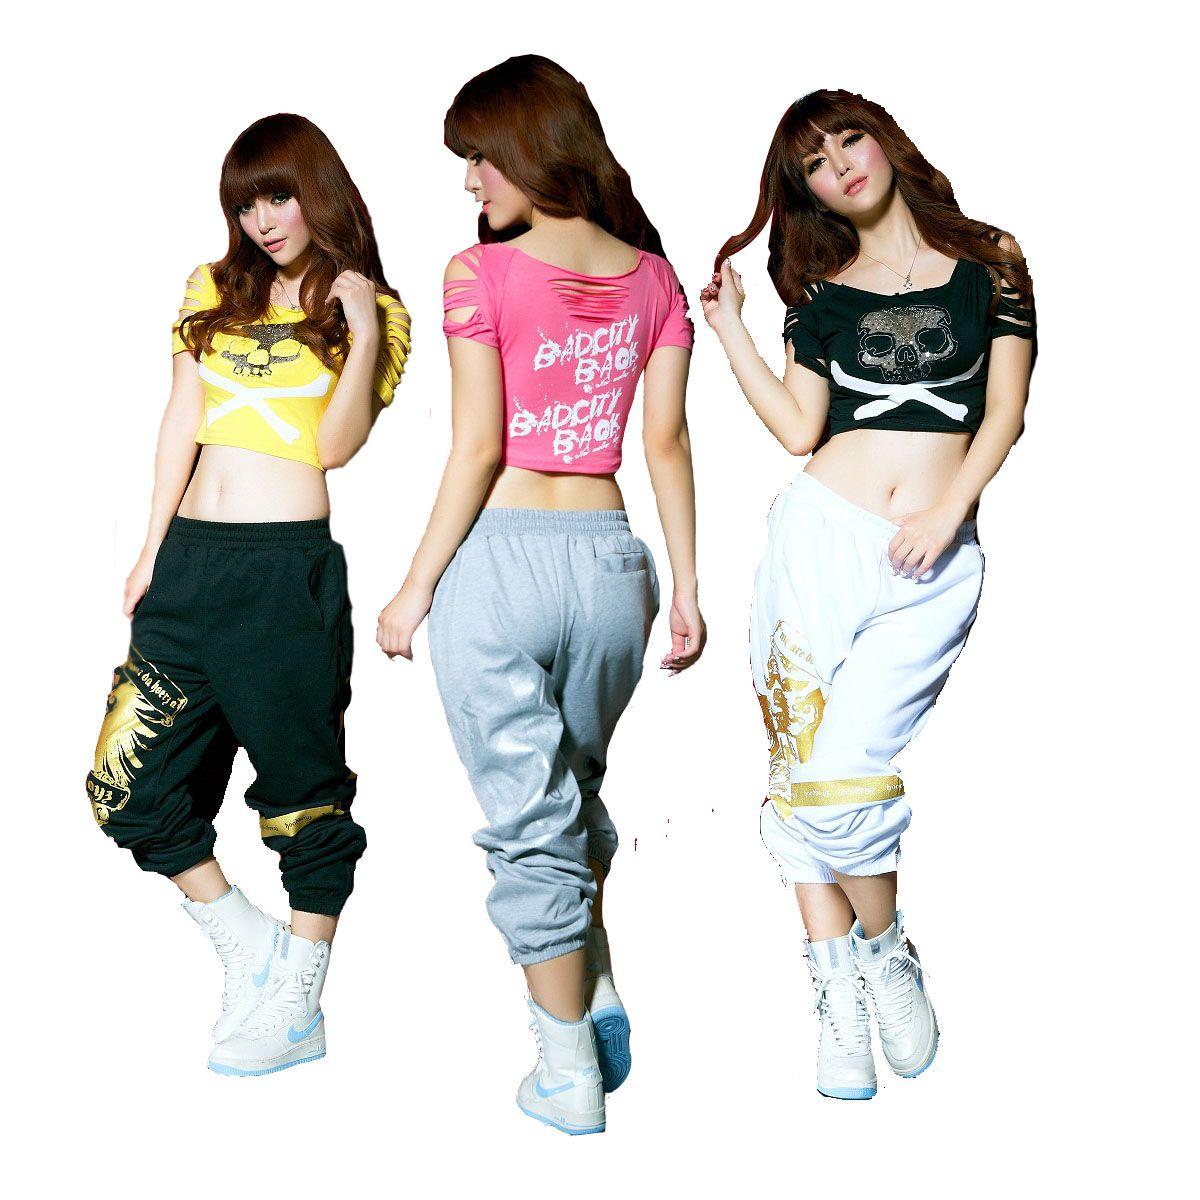 Tu tienda online para la ropa del estilo urbano y hip hop